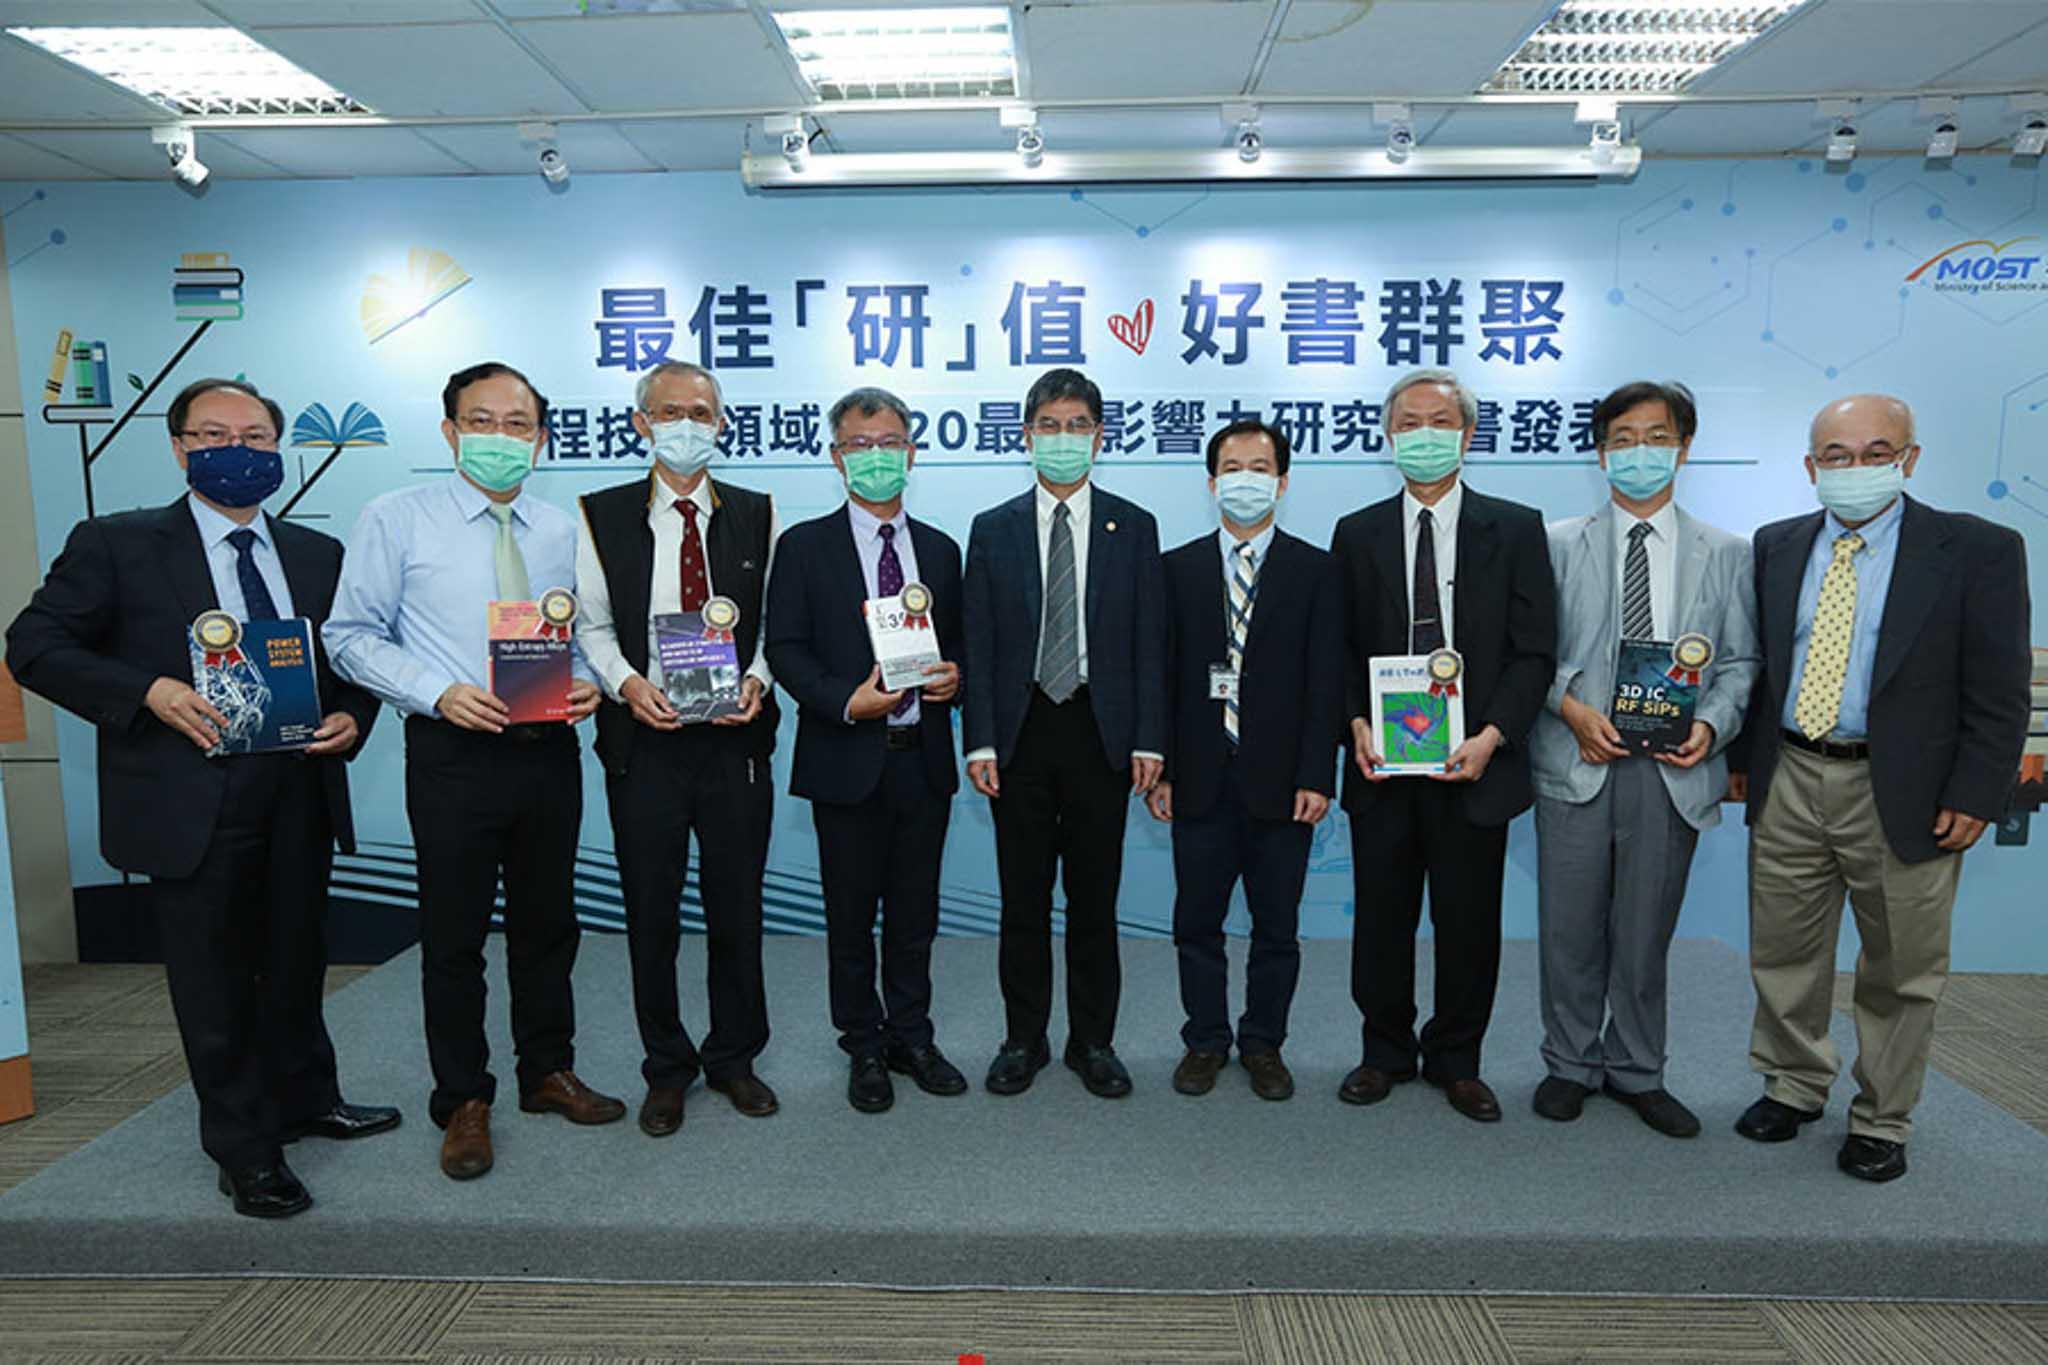 李正中特約講座教授(右3)經典著作獲選2020最具影響力研究專書